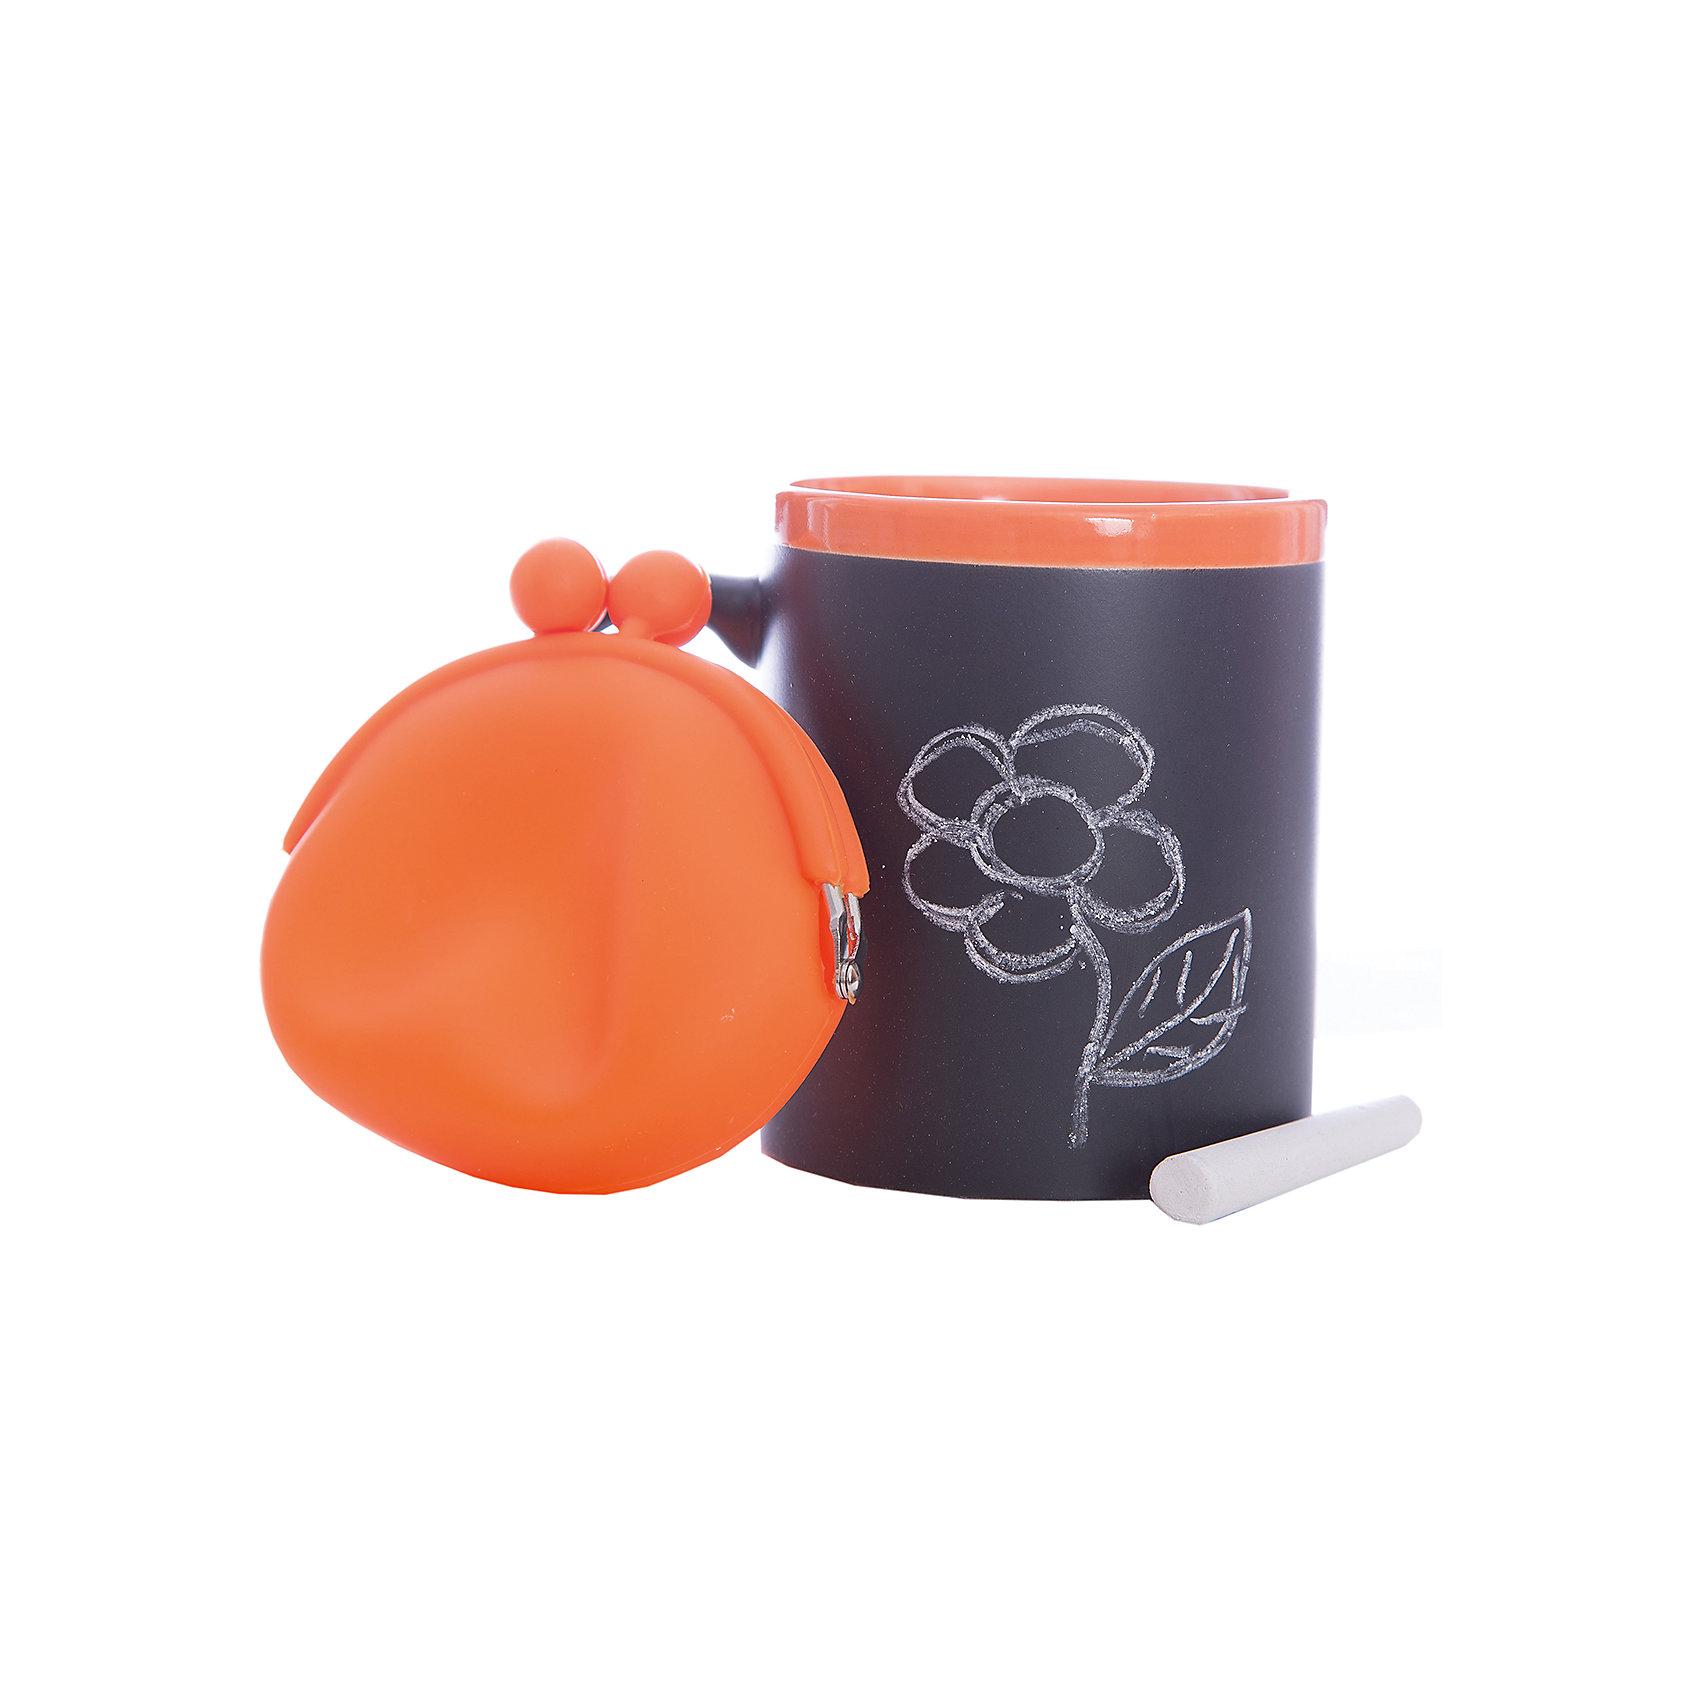 Набор подарочный  Оранжевый, Феникс-ПрезентПосуда<br>Набор подарочный Оранжевый, Феникс-Презент<br><br>Характеристики:<br><br>• оригинальный набор в подарочной упаковке<br>• в комплекте: кружка, мелки (2 шт.), кошелек<br>• кружка с меловым грифельным покрытием для заметок<br>• материал кружки: керамика<br>• объем кружки: 300 мл<br>• материал кошелька: силикон<br>• размер коробки: 12х11х10,5 см<br><br>Набор Оранжевый - отличный вариант для тех, кто любит оригинальные и запоминающиеся подарки. В комплект входят 2 мелка, кружка и кошелек. Кружка из керамики никого не оставит равнодушным! На ней, с помощью мелков, можно оставить любые послания для близкого человека. Кошелек небольшого размера изготовлен из силикона. Все изделия выполнены в оранжевом и черном цветах. Такой подарок именинник запомнит надолго!<br><br>Набор подарочный Оранжевый, Феникс-Презент можно купить в нашем интернет-магазине.<br><br>Ширина мм: 120<br>Глубина мм: 110<br>Высота мм: 110<br>Вес г: 458<br>Возраст от месяцев: 120<br>Возраст до месяцев: 2147483647<br>Пол: Унисекс<br>Возраст: Детский<br>SKU: 5449661